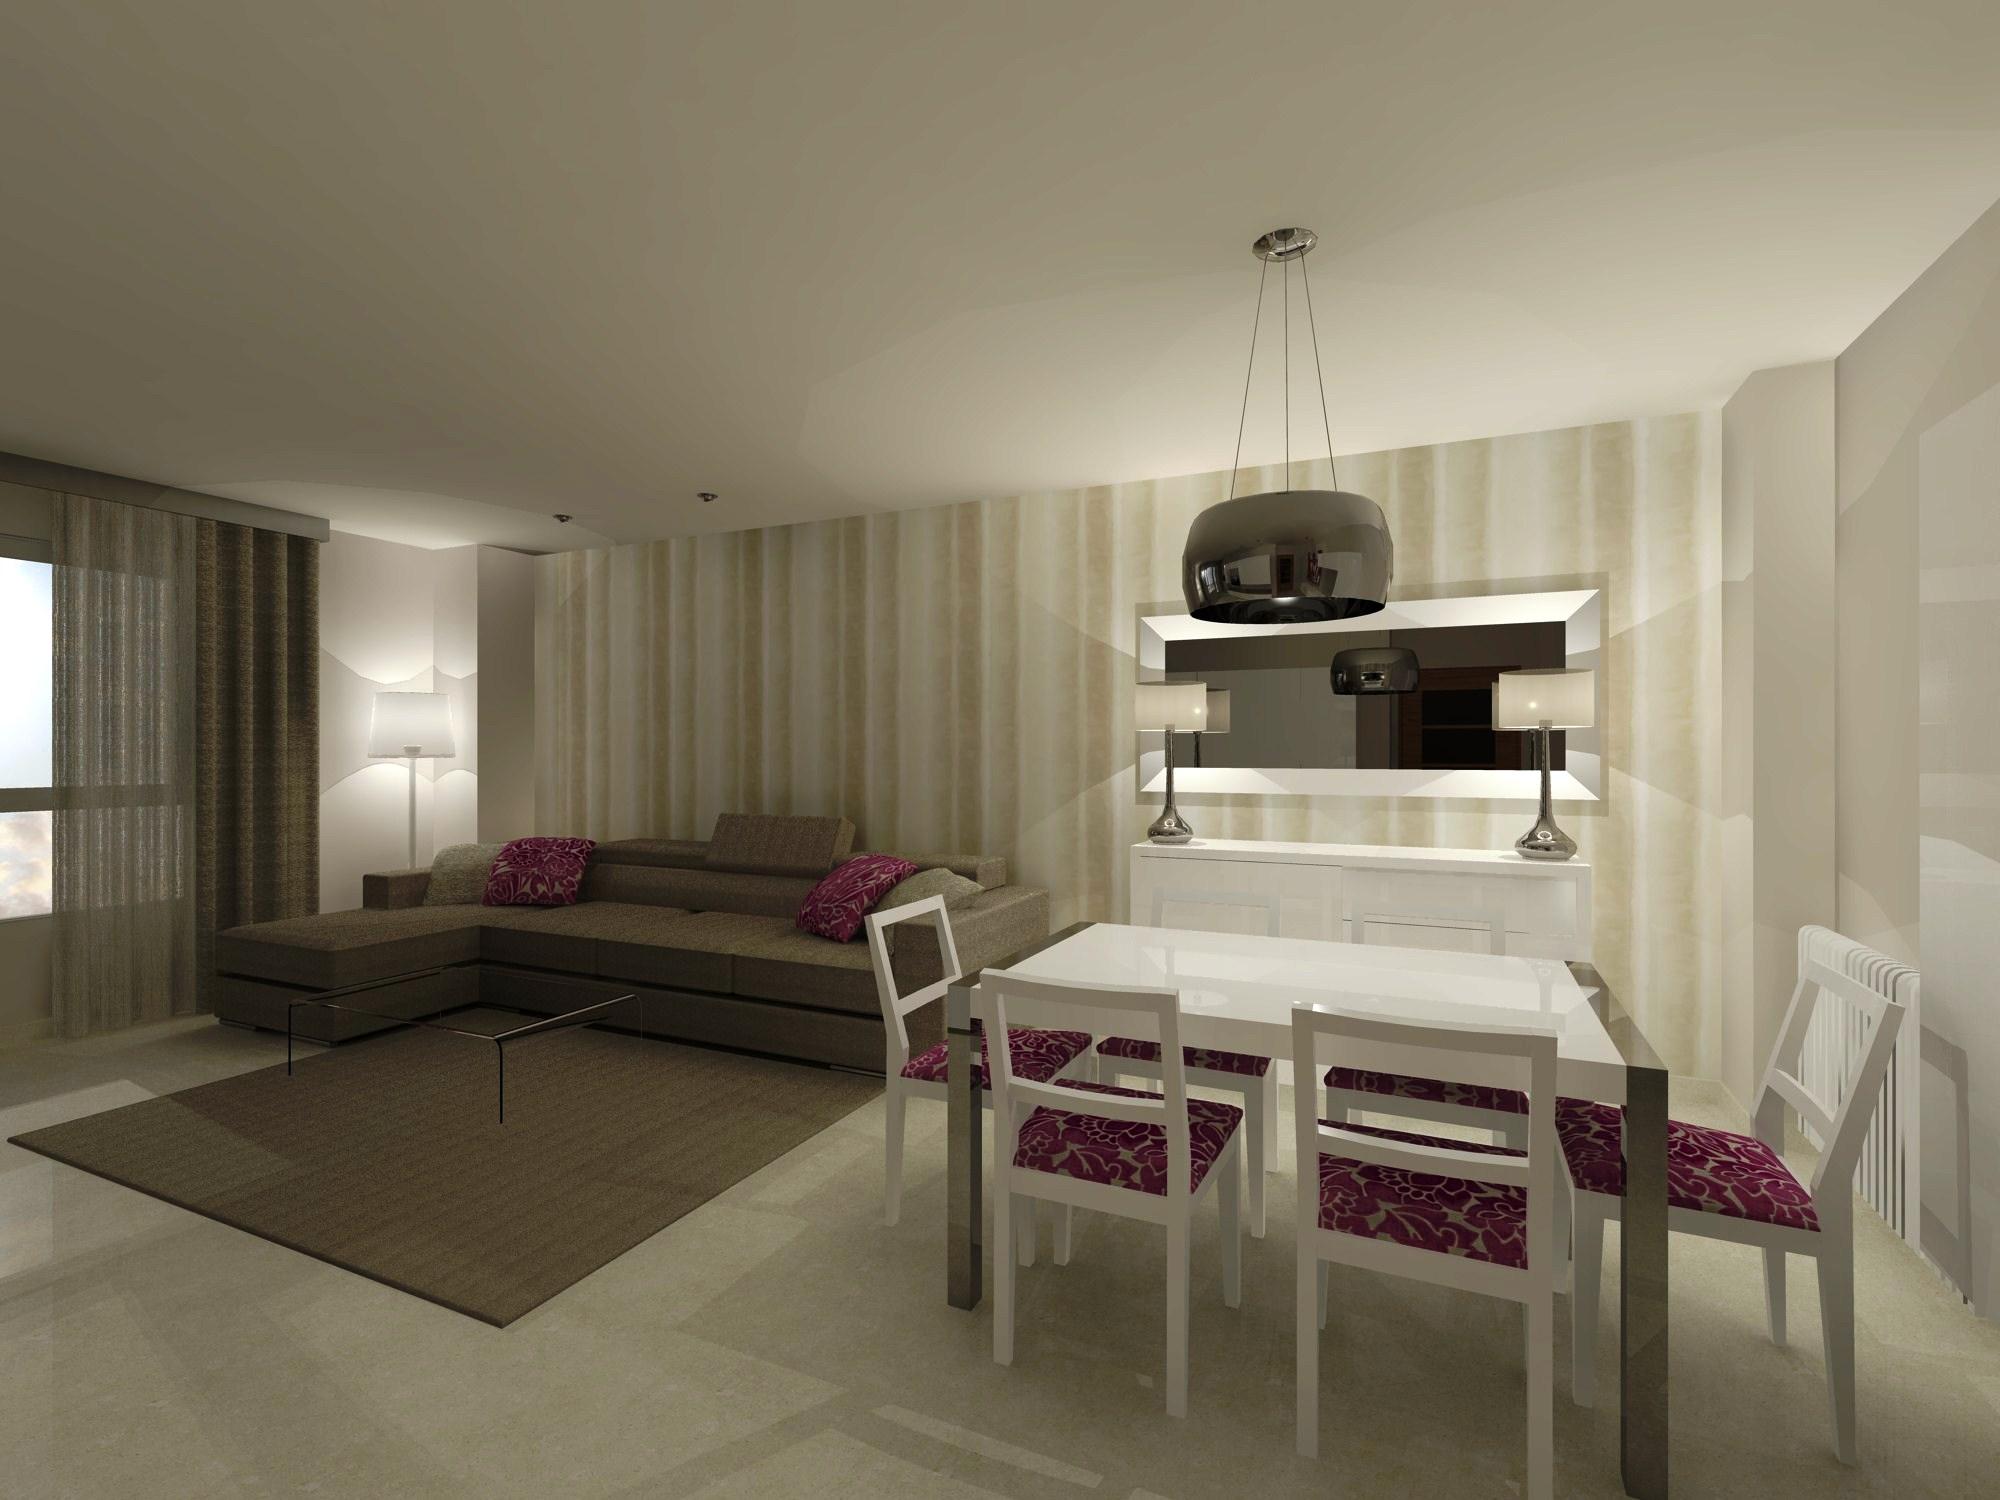 La soluci n a tu decoraci n realidad en 3d villalba - Interiorismo salones ...